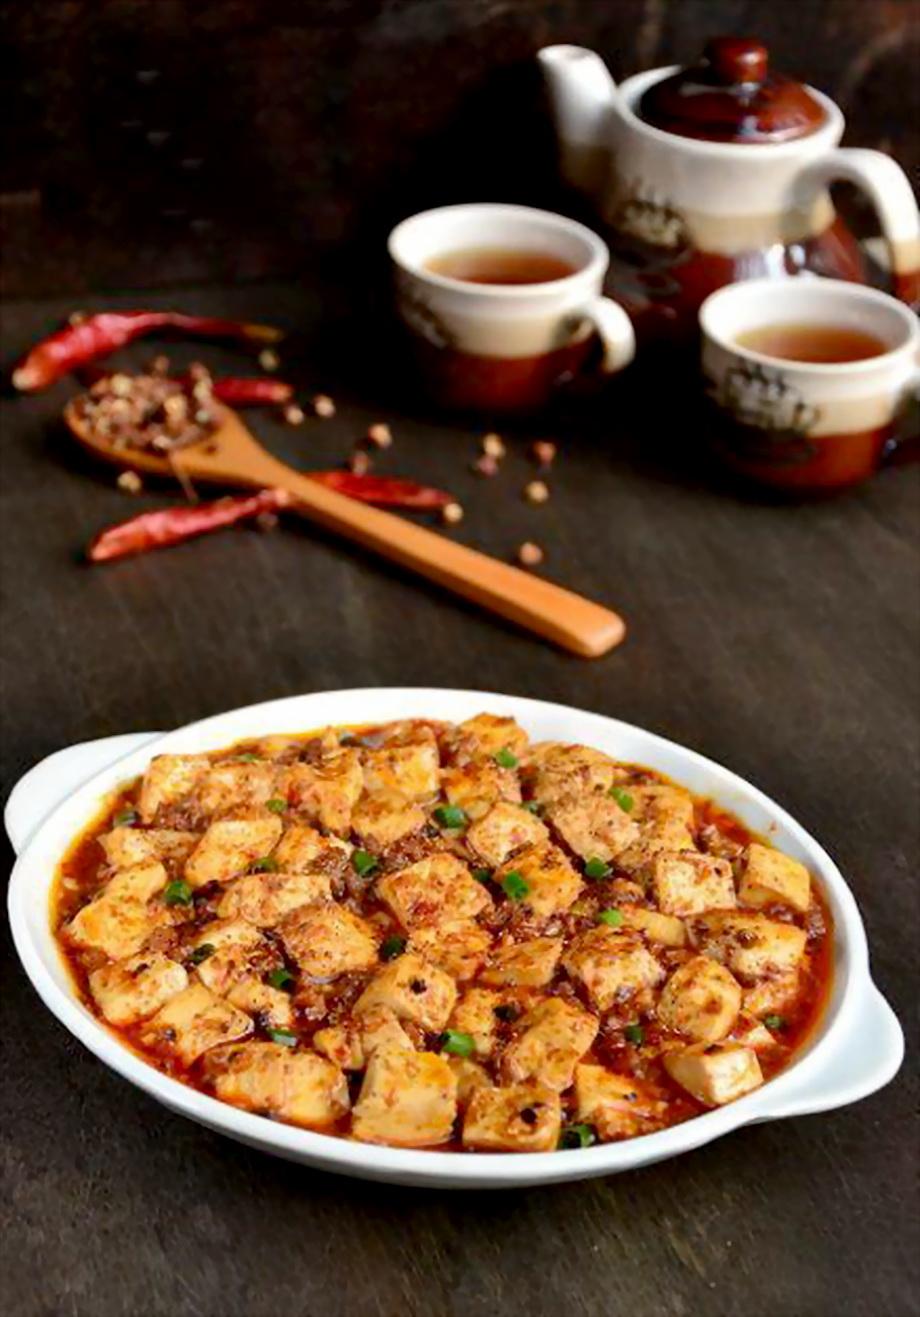 舌尖上的美味 经典的麻辣过瘾川菜 麻婆豆腐